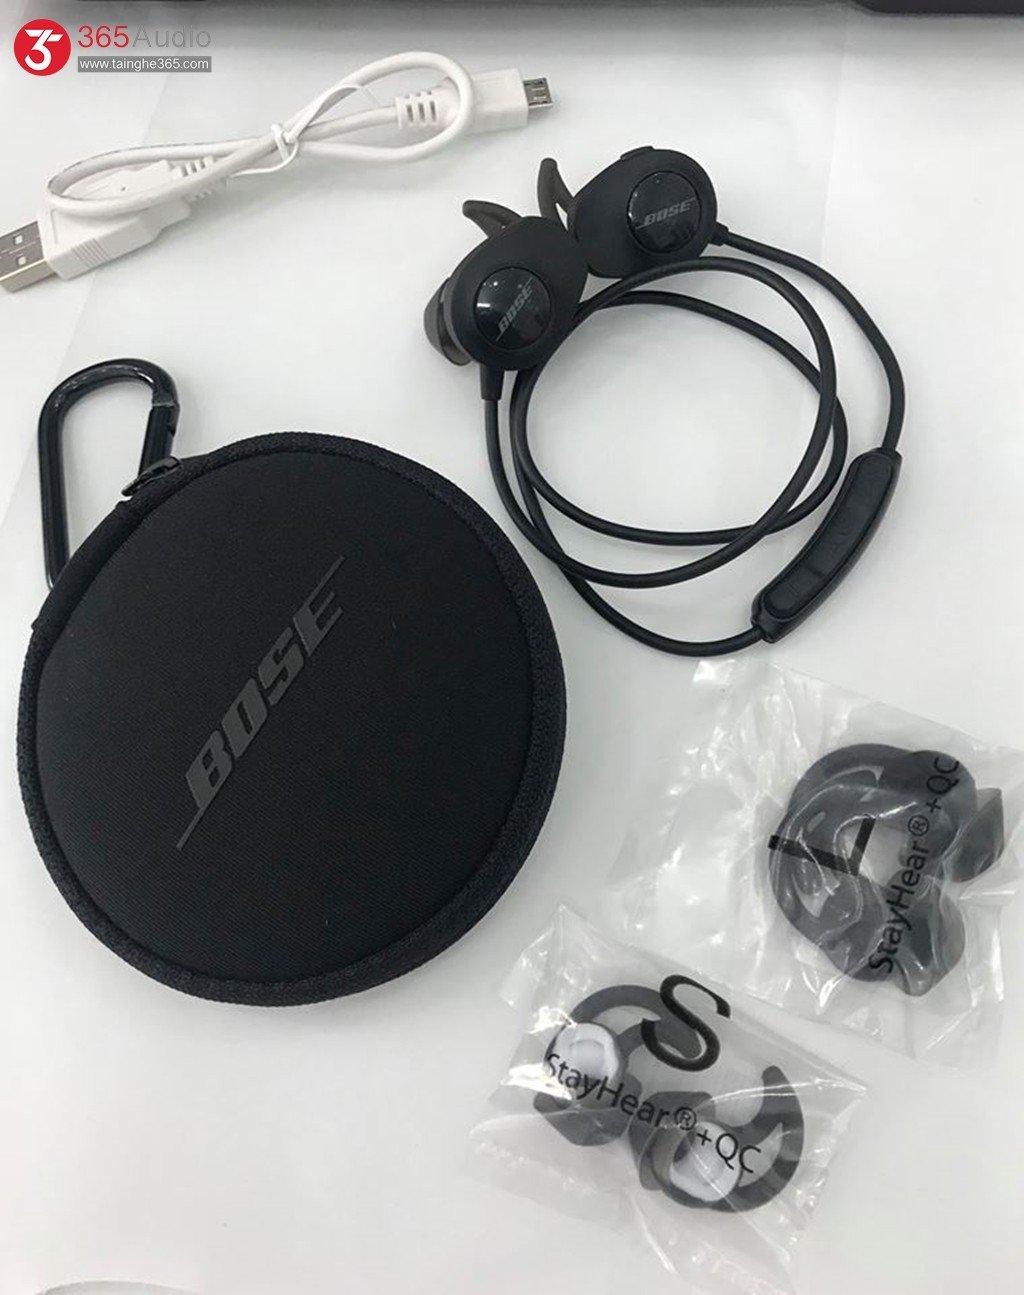 tai nghe Bose SoundSport Wireless like new nobox